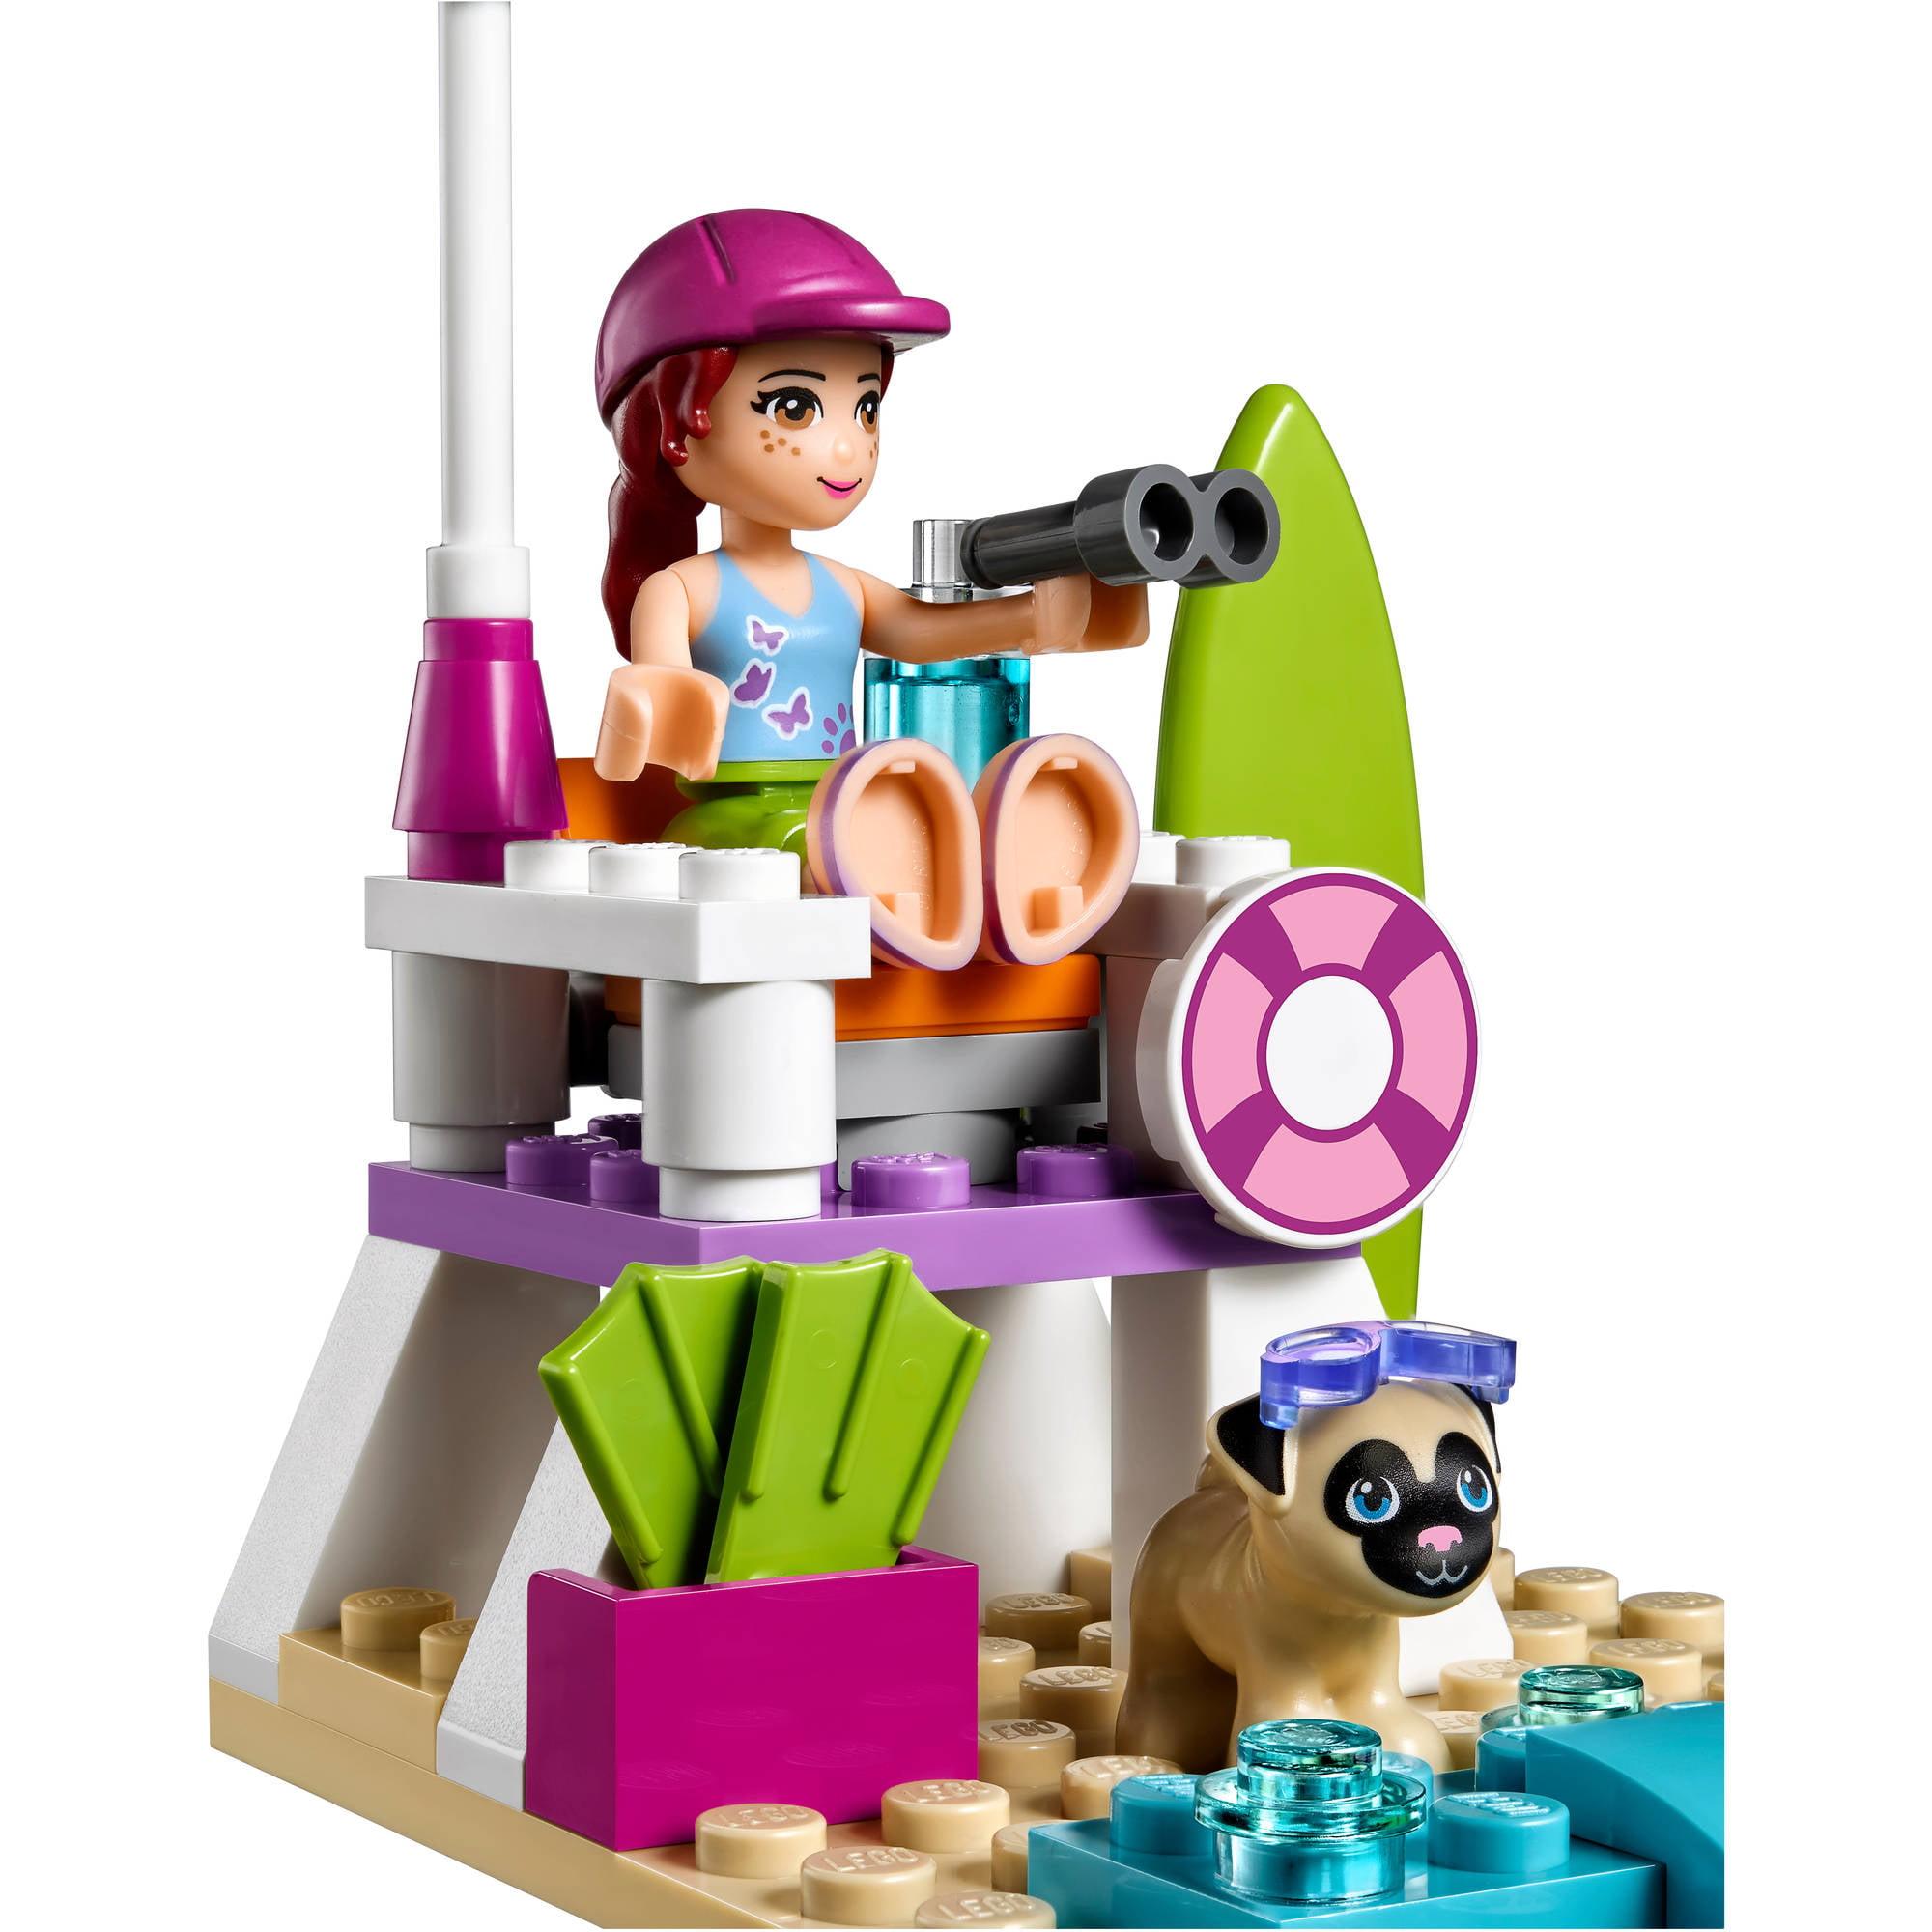 Lego Minifigures Lego Friends Mia Mini Doll Figure 41306